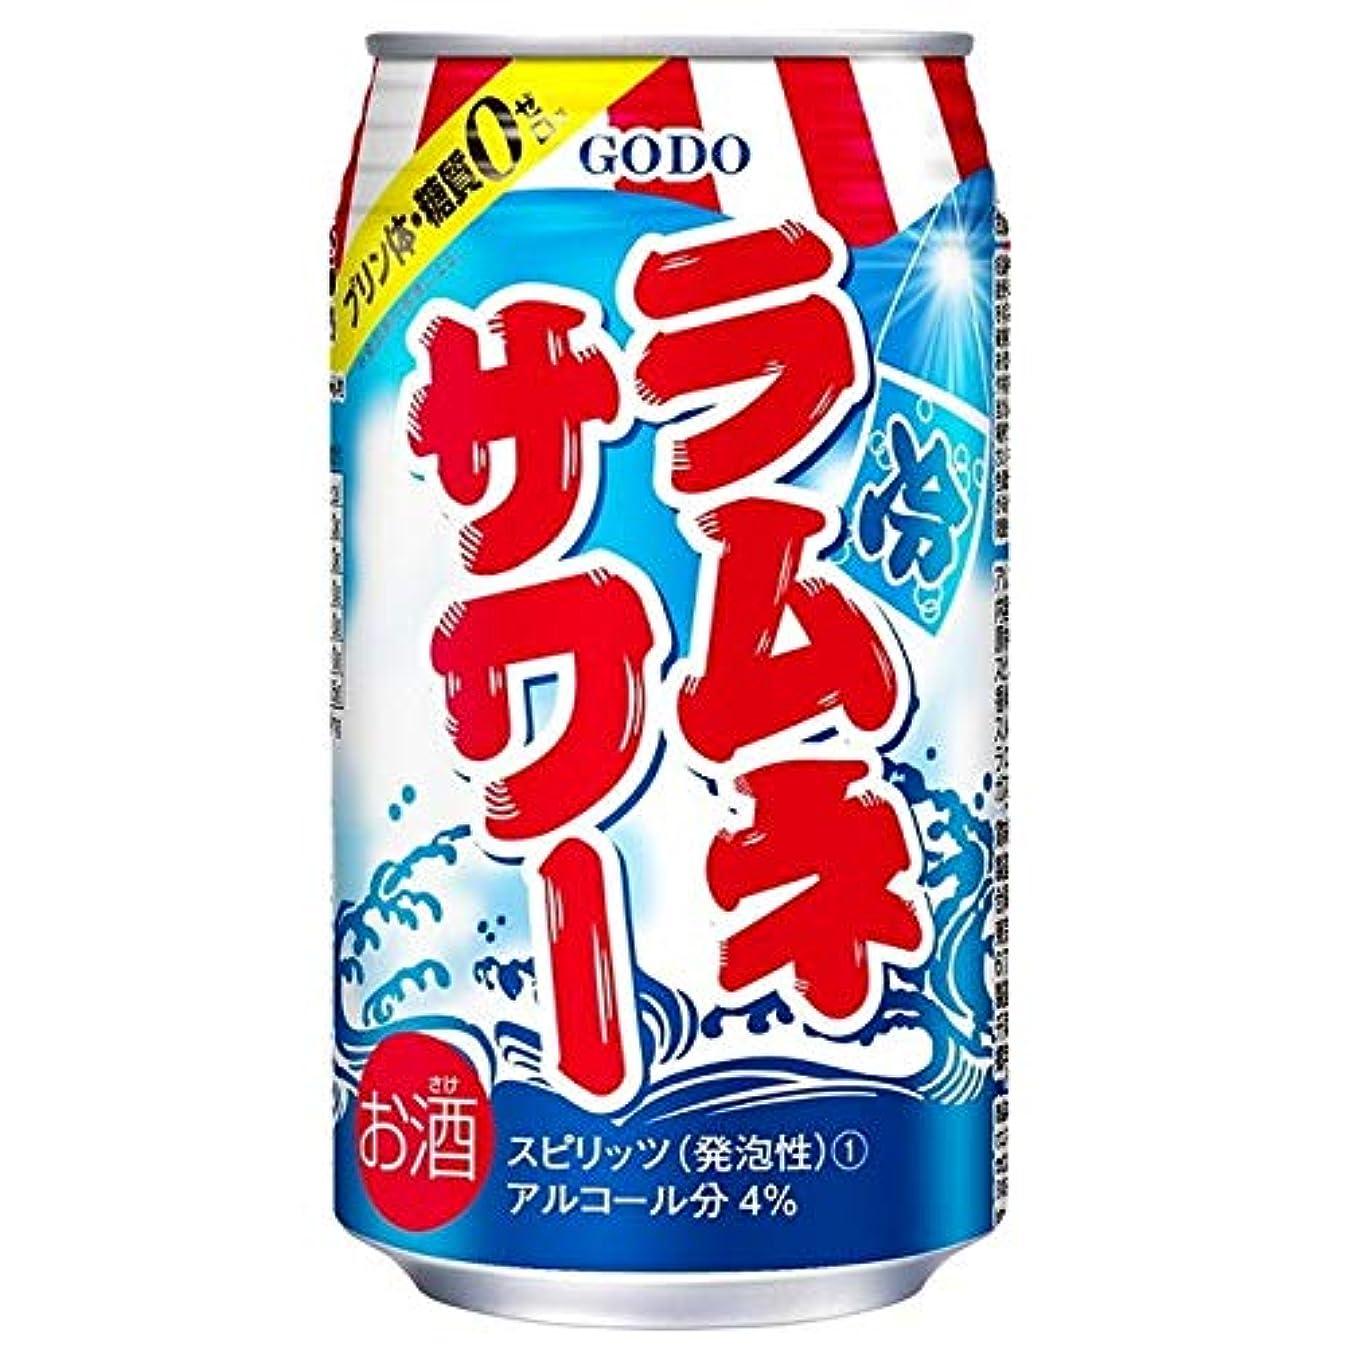 子豚通行料金患者〔缶チューハイ〕 Godo ラムネサワー 350缶 1ケース (1ケース24本入) 合同酒精 (350ml)